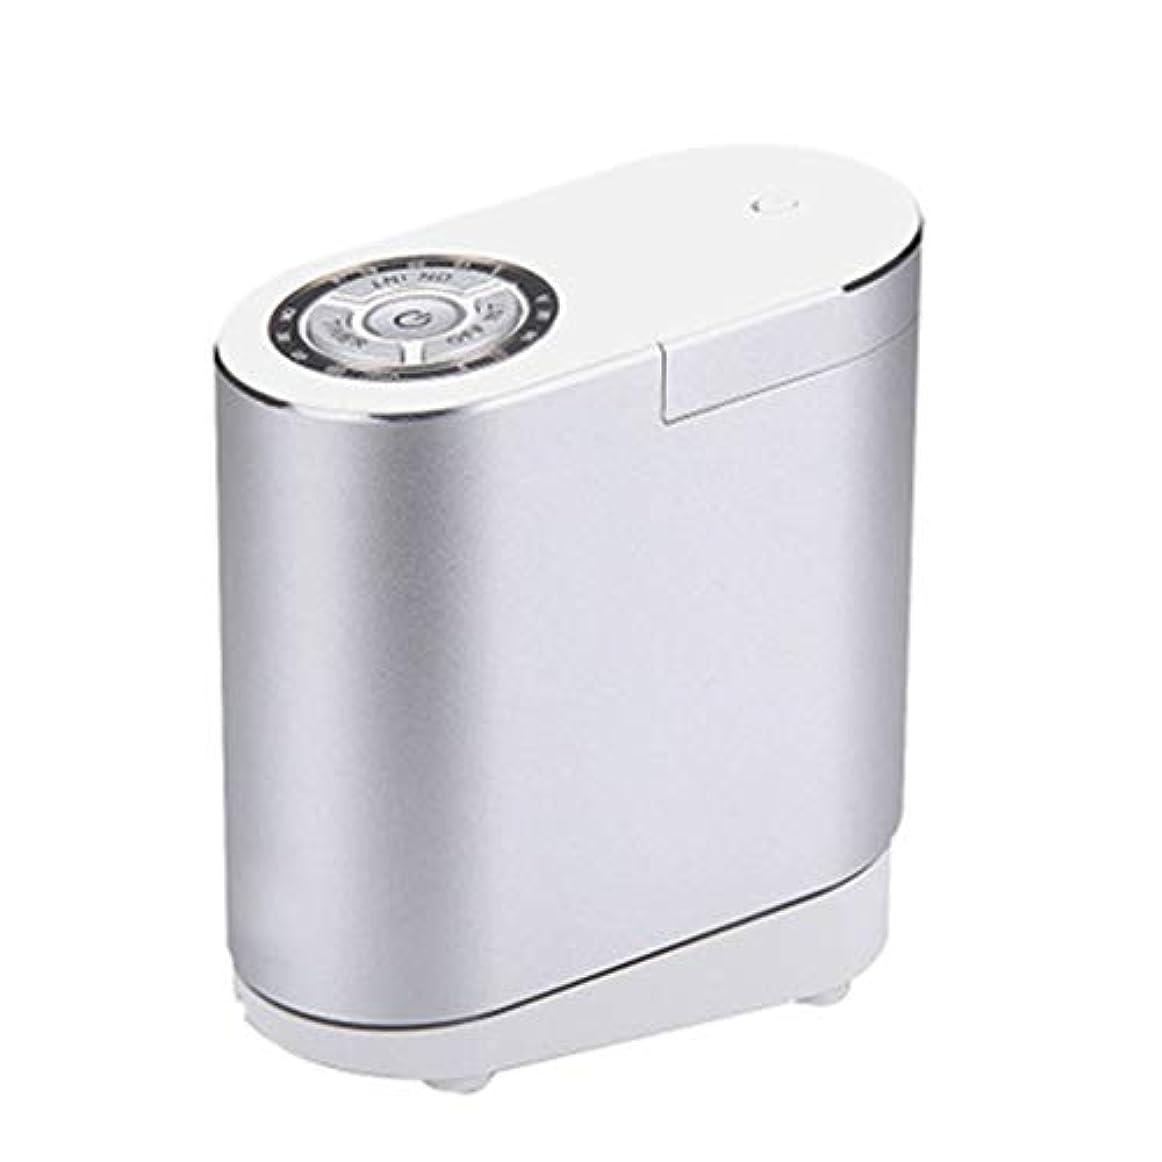 タイマーバトル唇クールミスト空気加湿器、30ミリリットルディフューザーエアコン、4Sショップのリビングルームの研究寝室のオフィスに適して (Color : Silver)